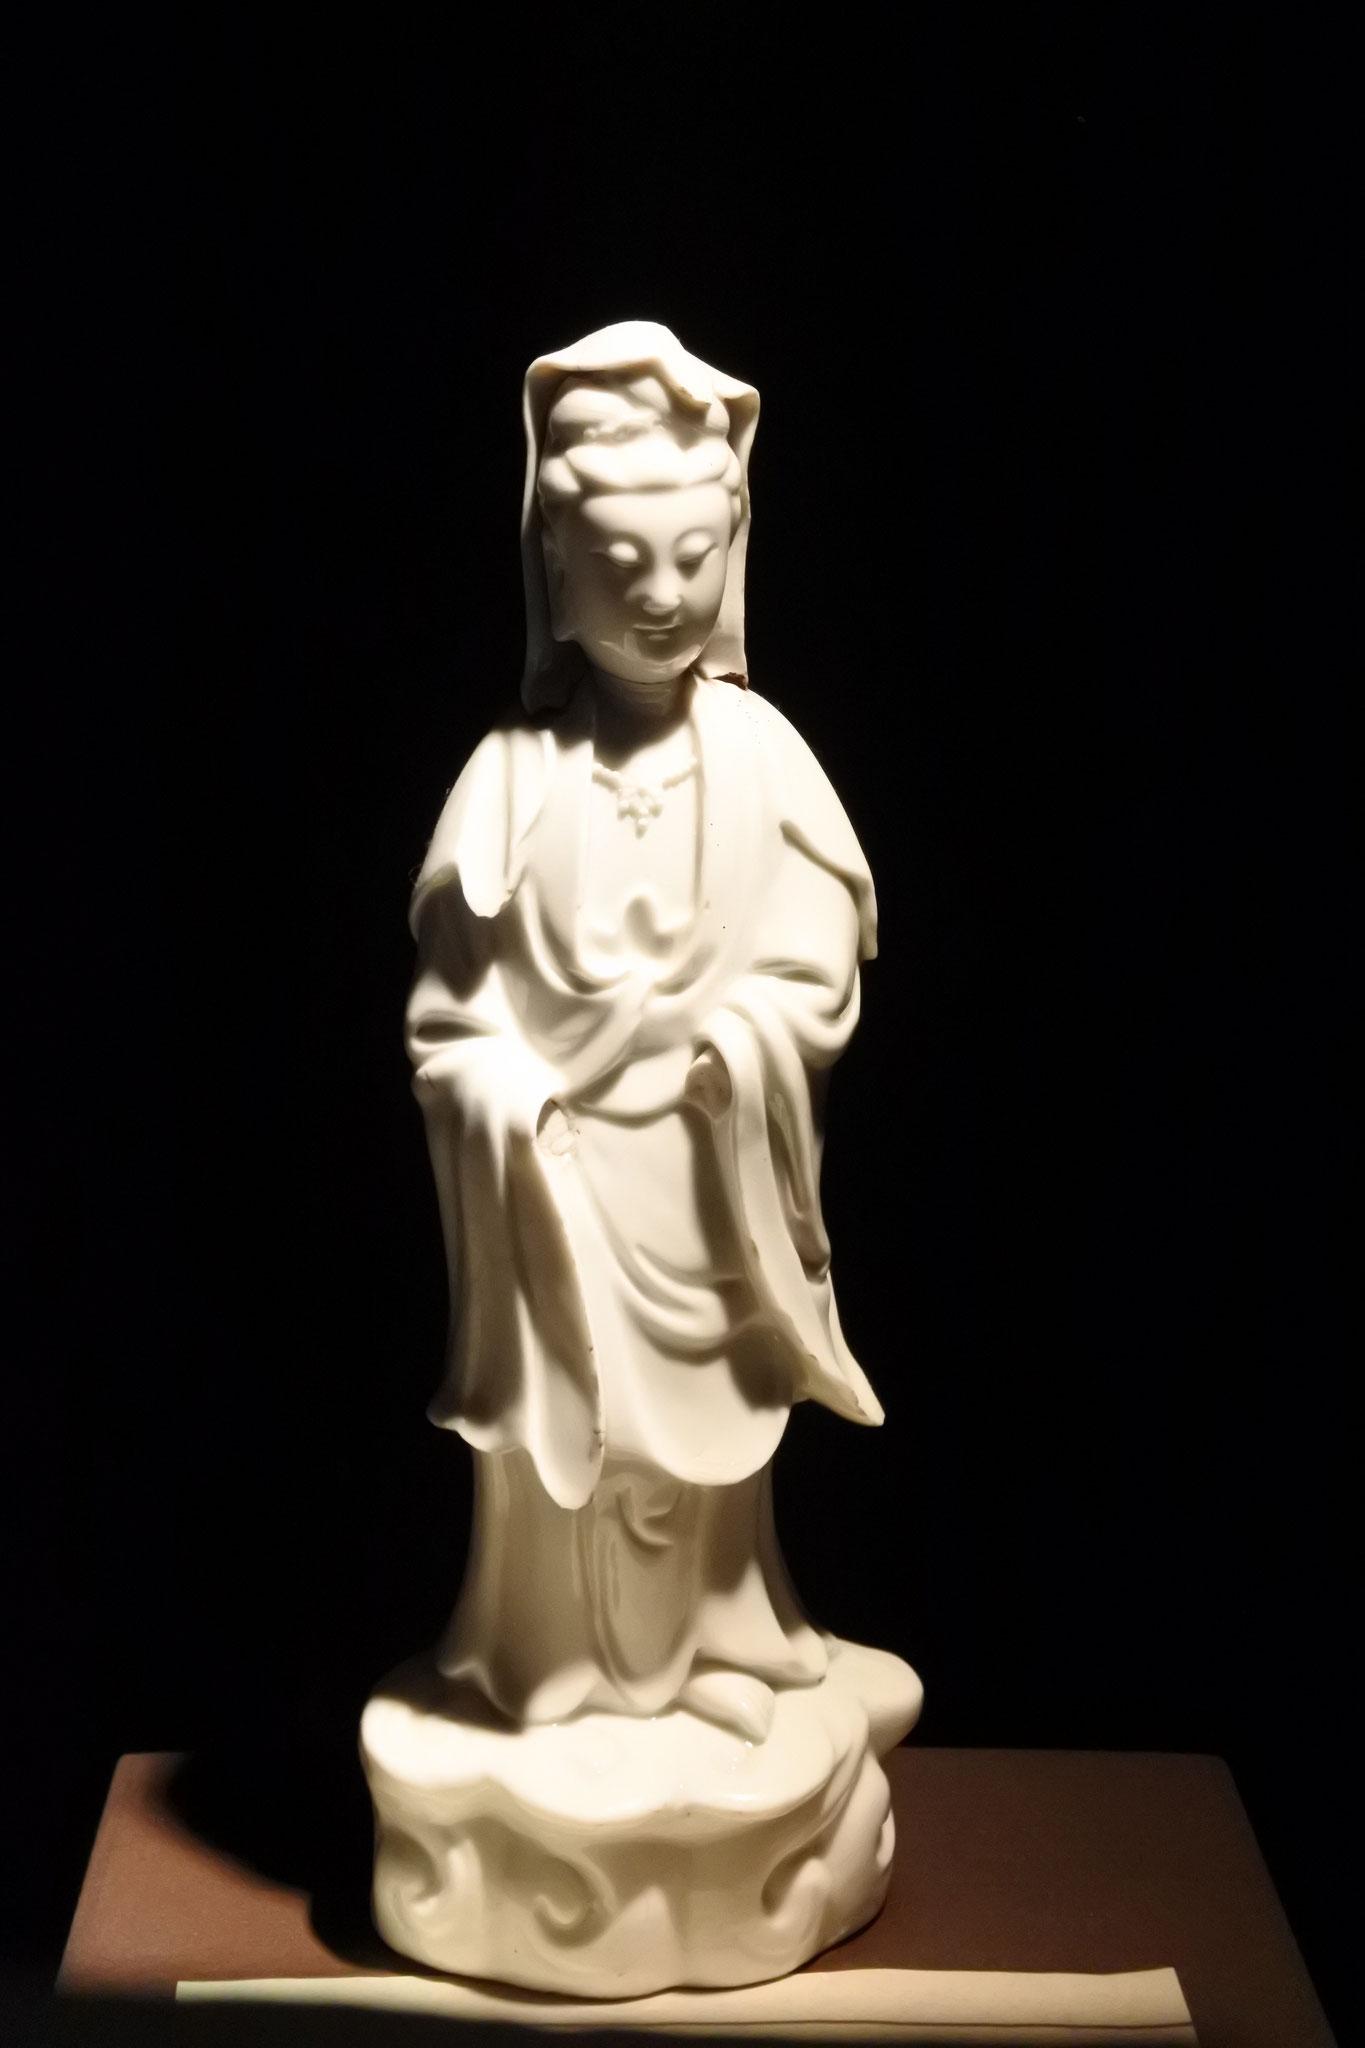 Maria Kannon Statue - Die versteckten Christen betteten buddhistische oder shintoistische Statuen an. Die Kannon Statue repräsentiert eine gnädige mütterliche Heilige.